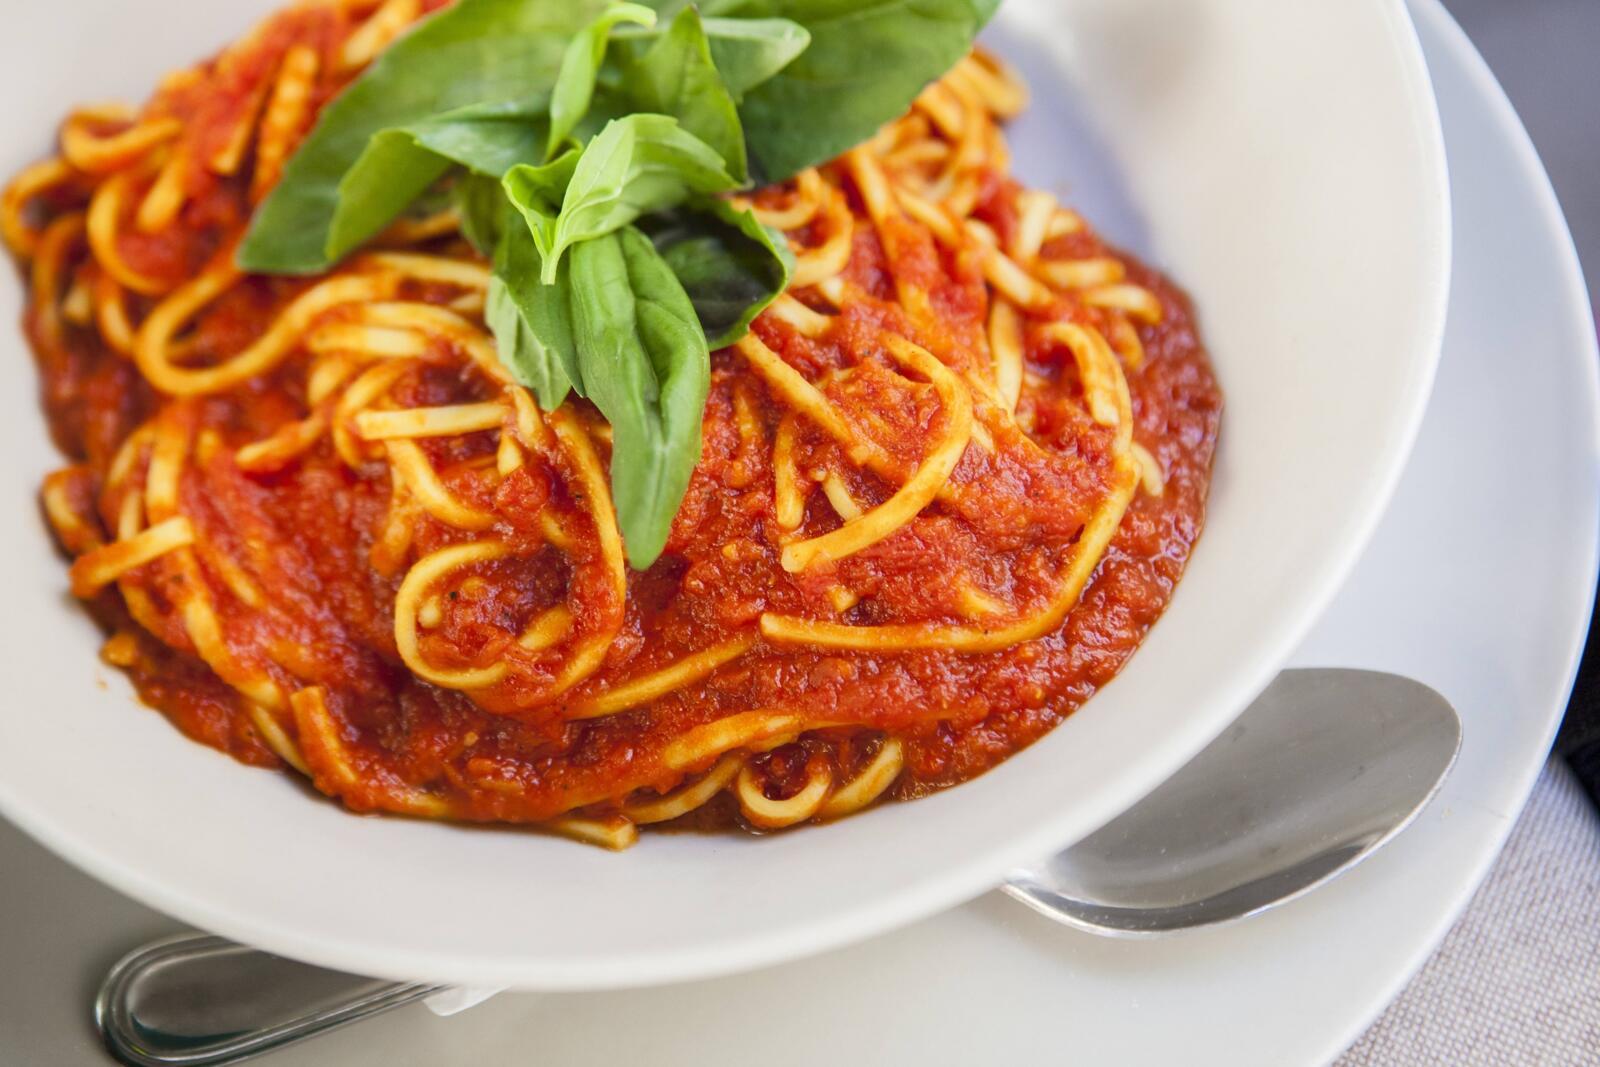 hoelang kan je pasta bewaren in de koelkast